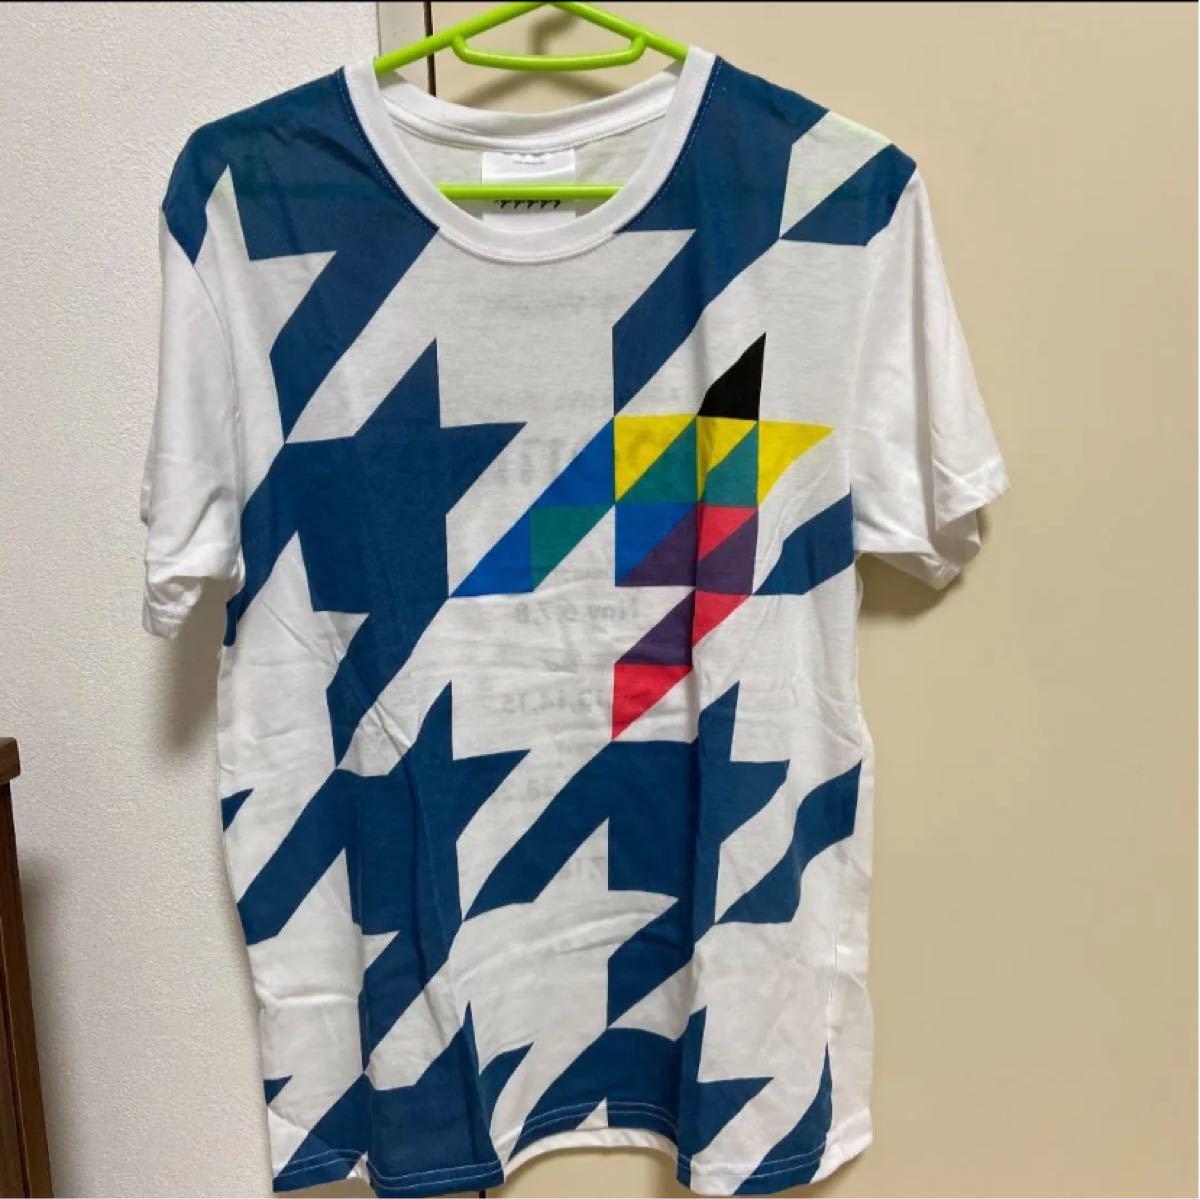 嵐 ライブツアー Tシャツ